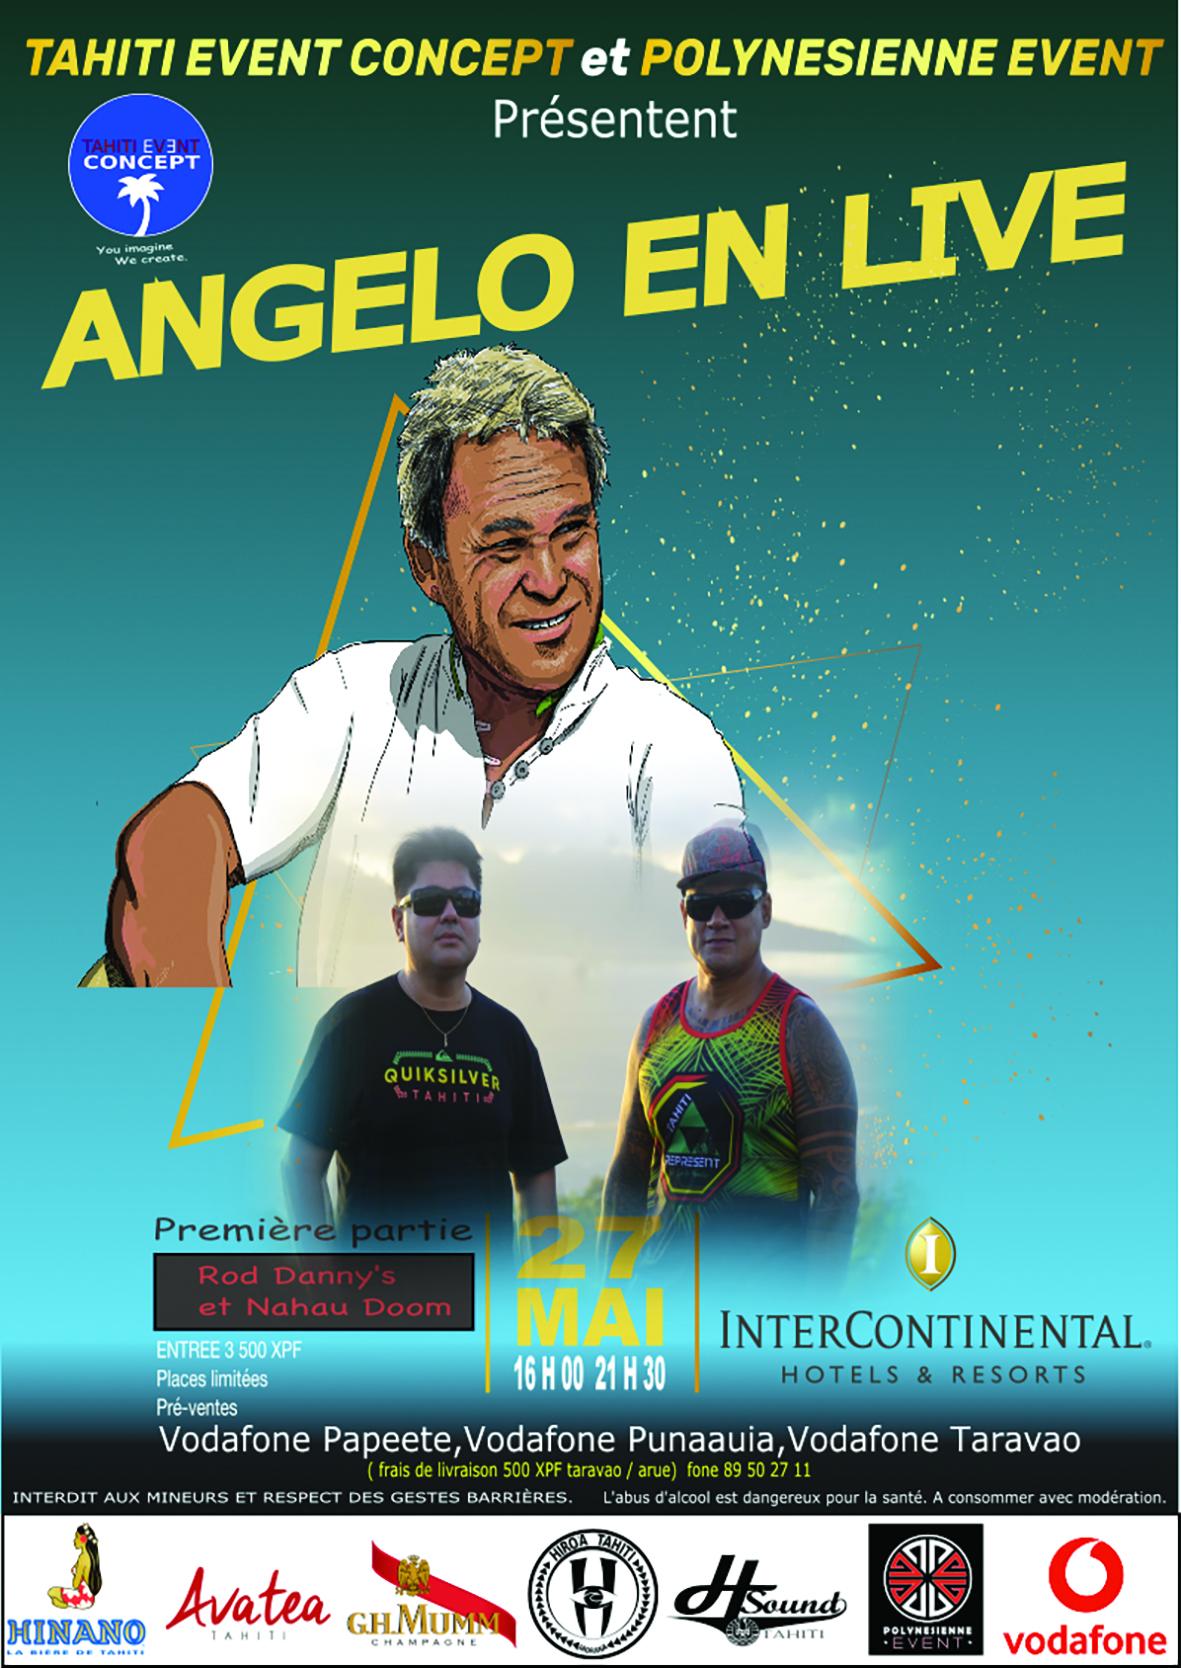 Angelo en live, c'est demain soir !